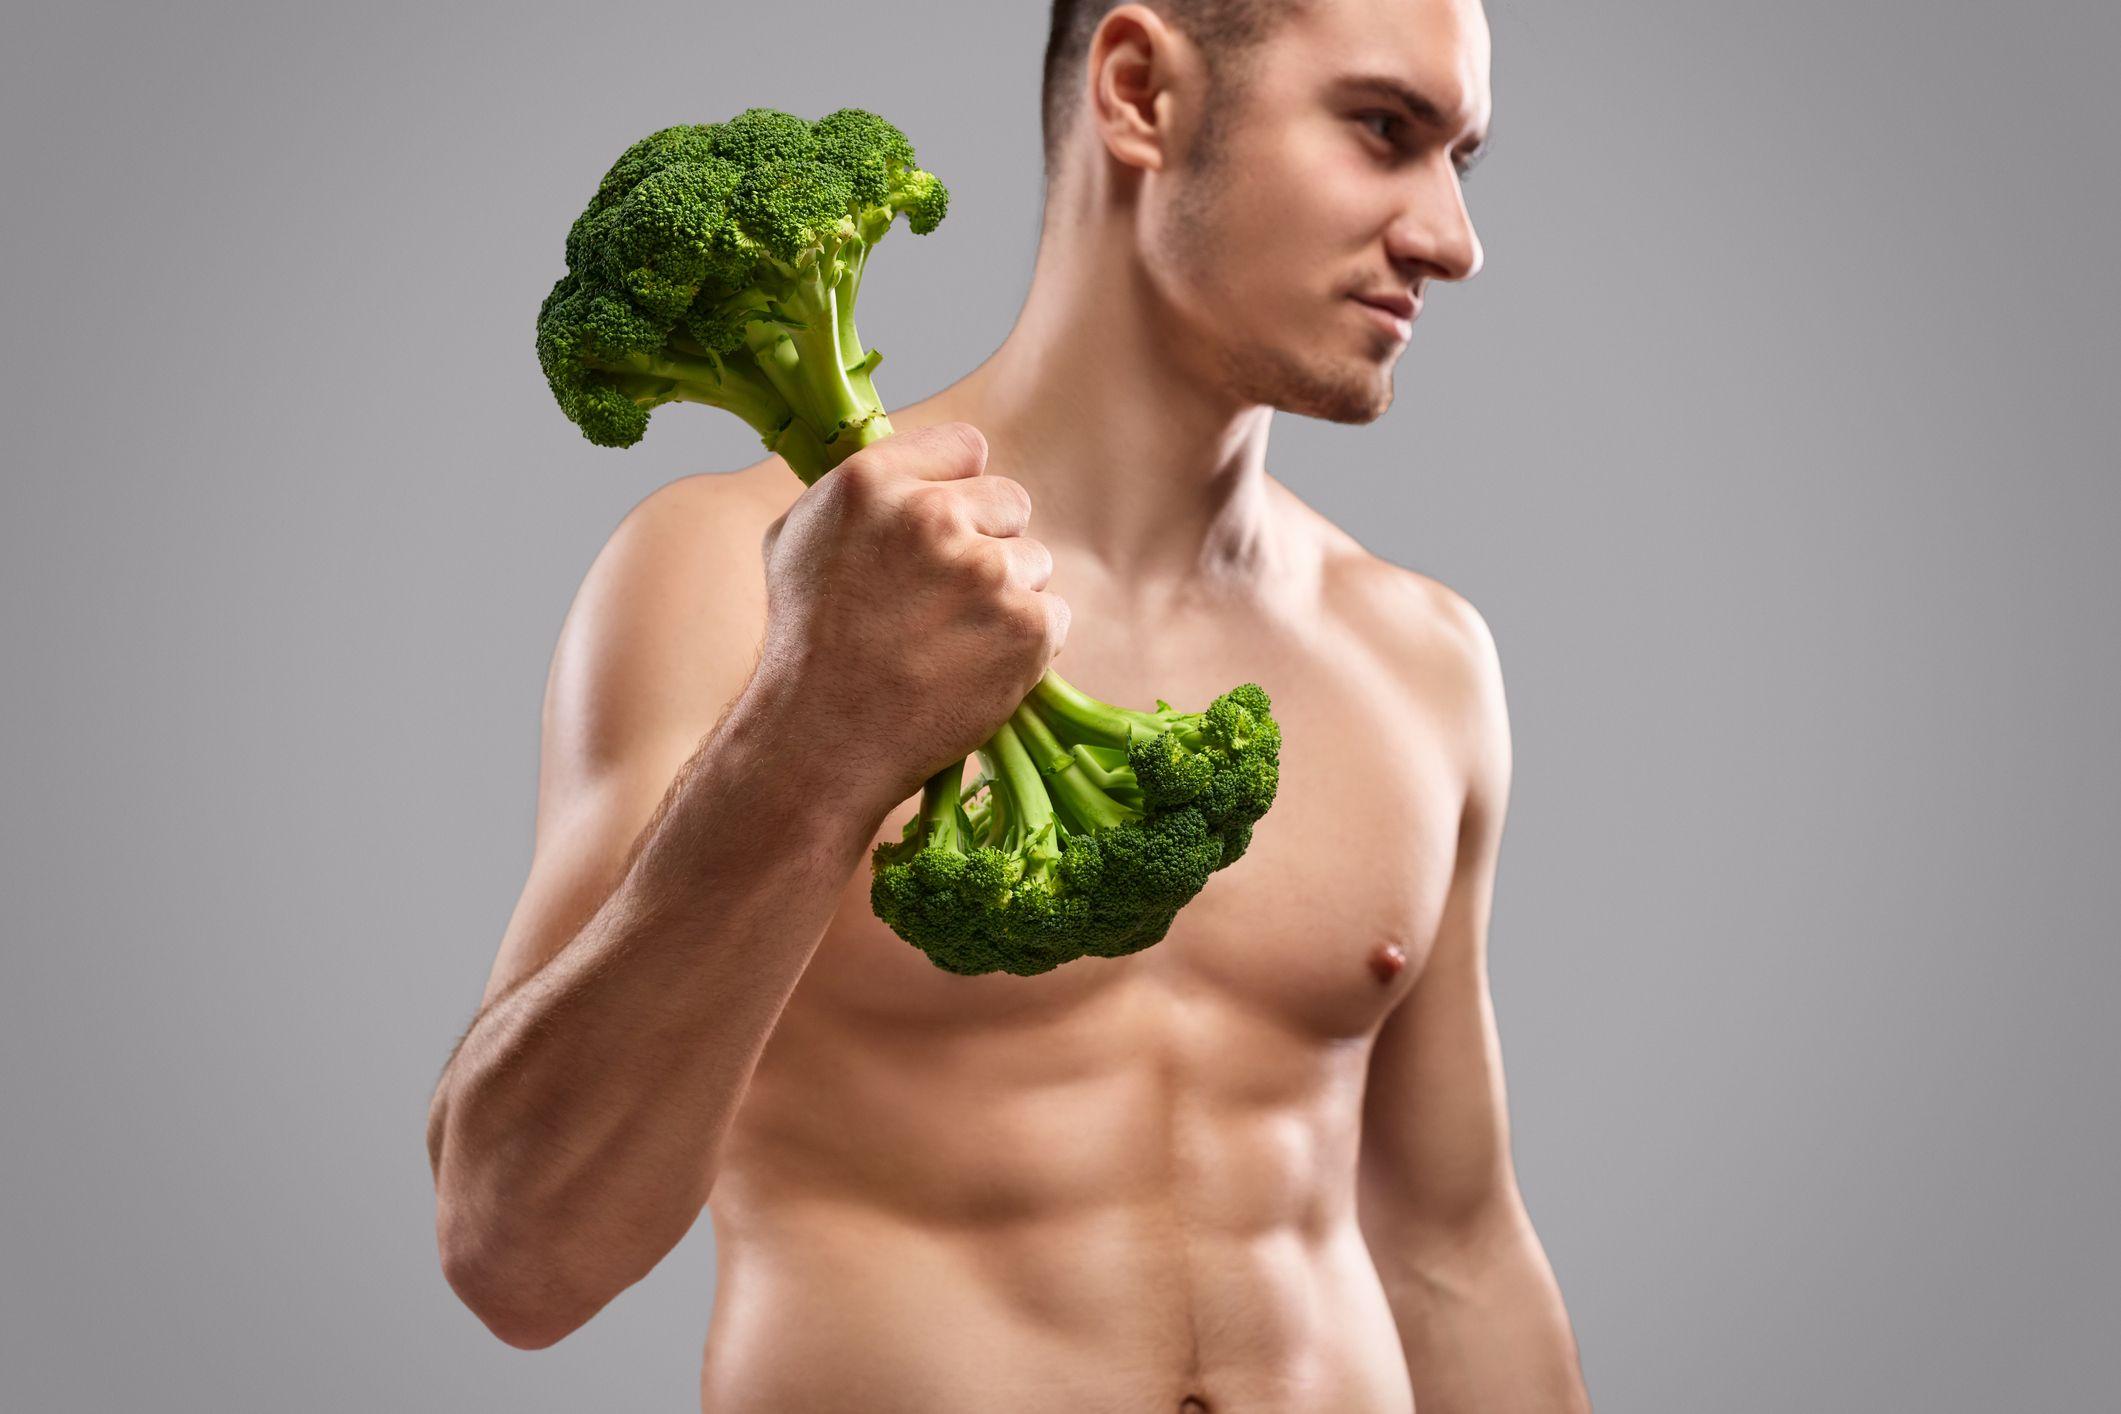 Alimentación y cultura: Uno de cada diez argentinos es vegetariano o vegano